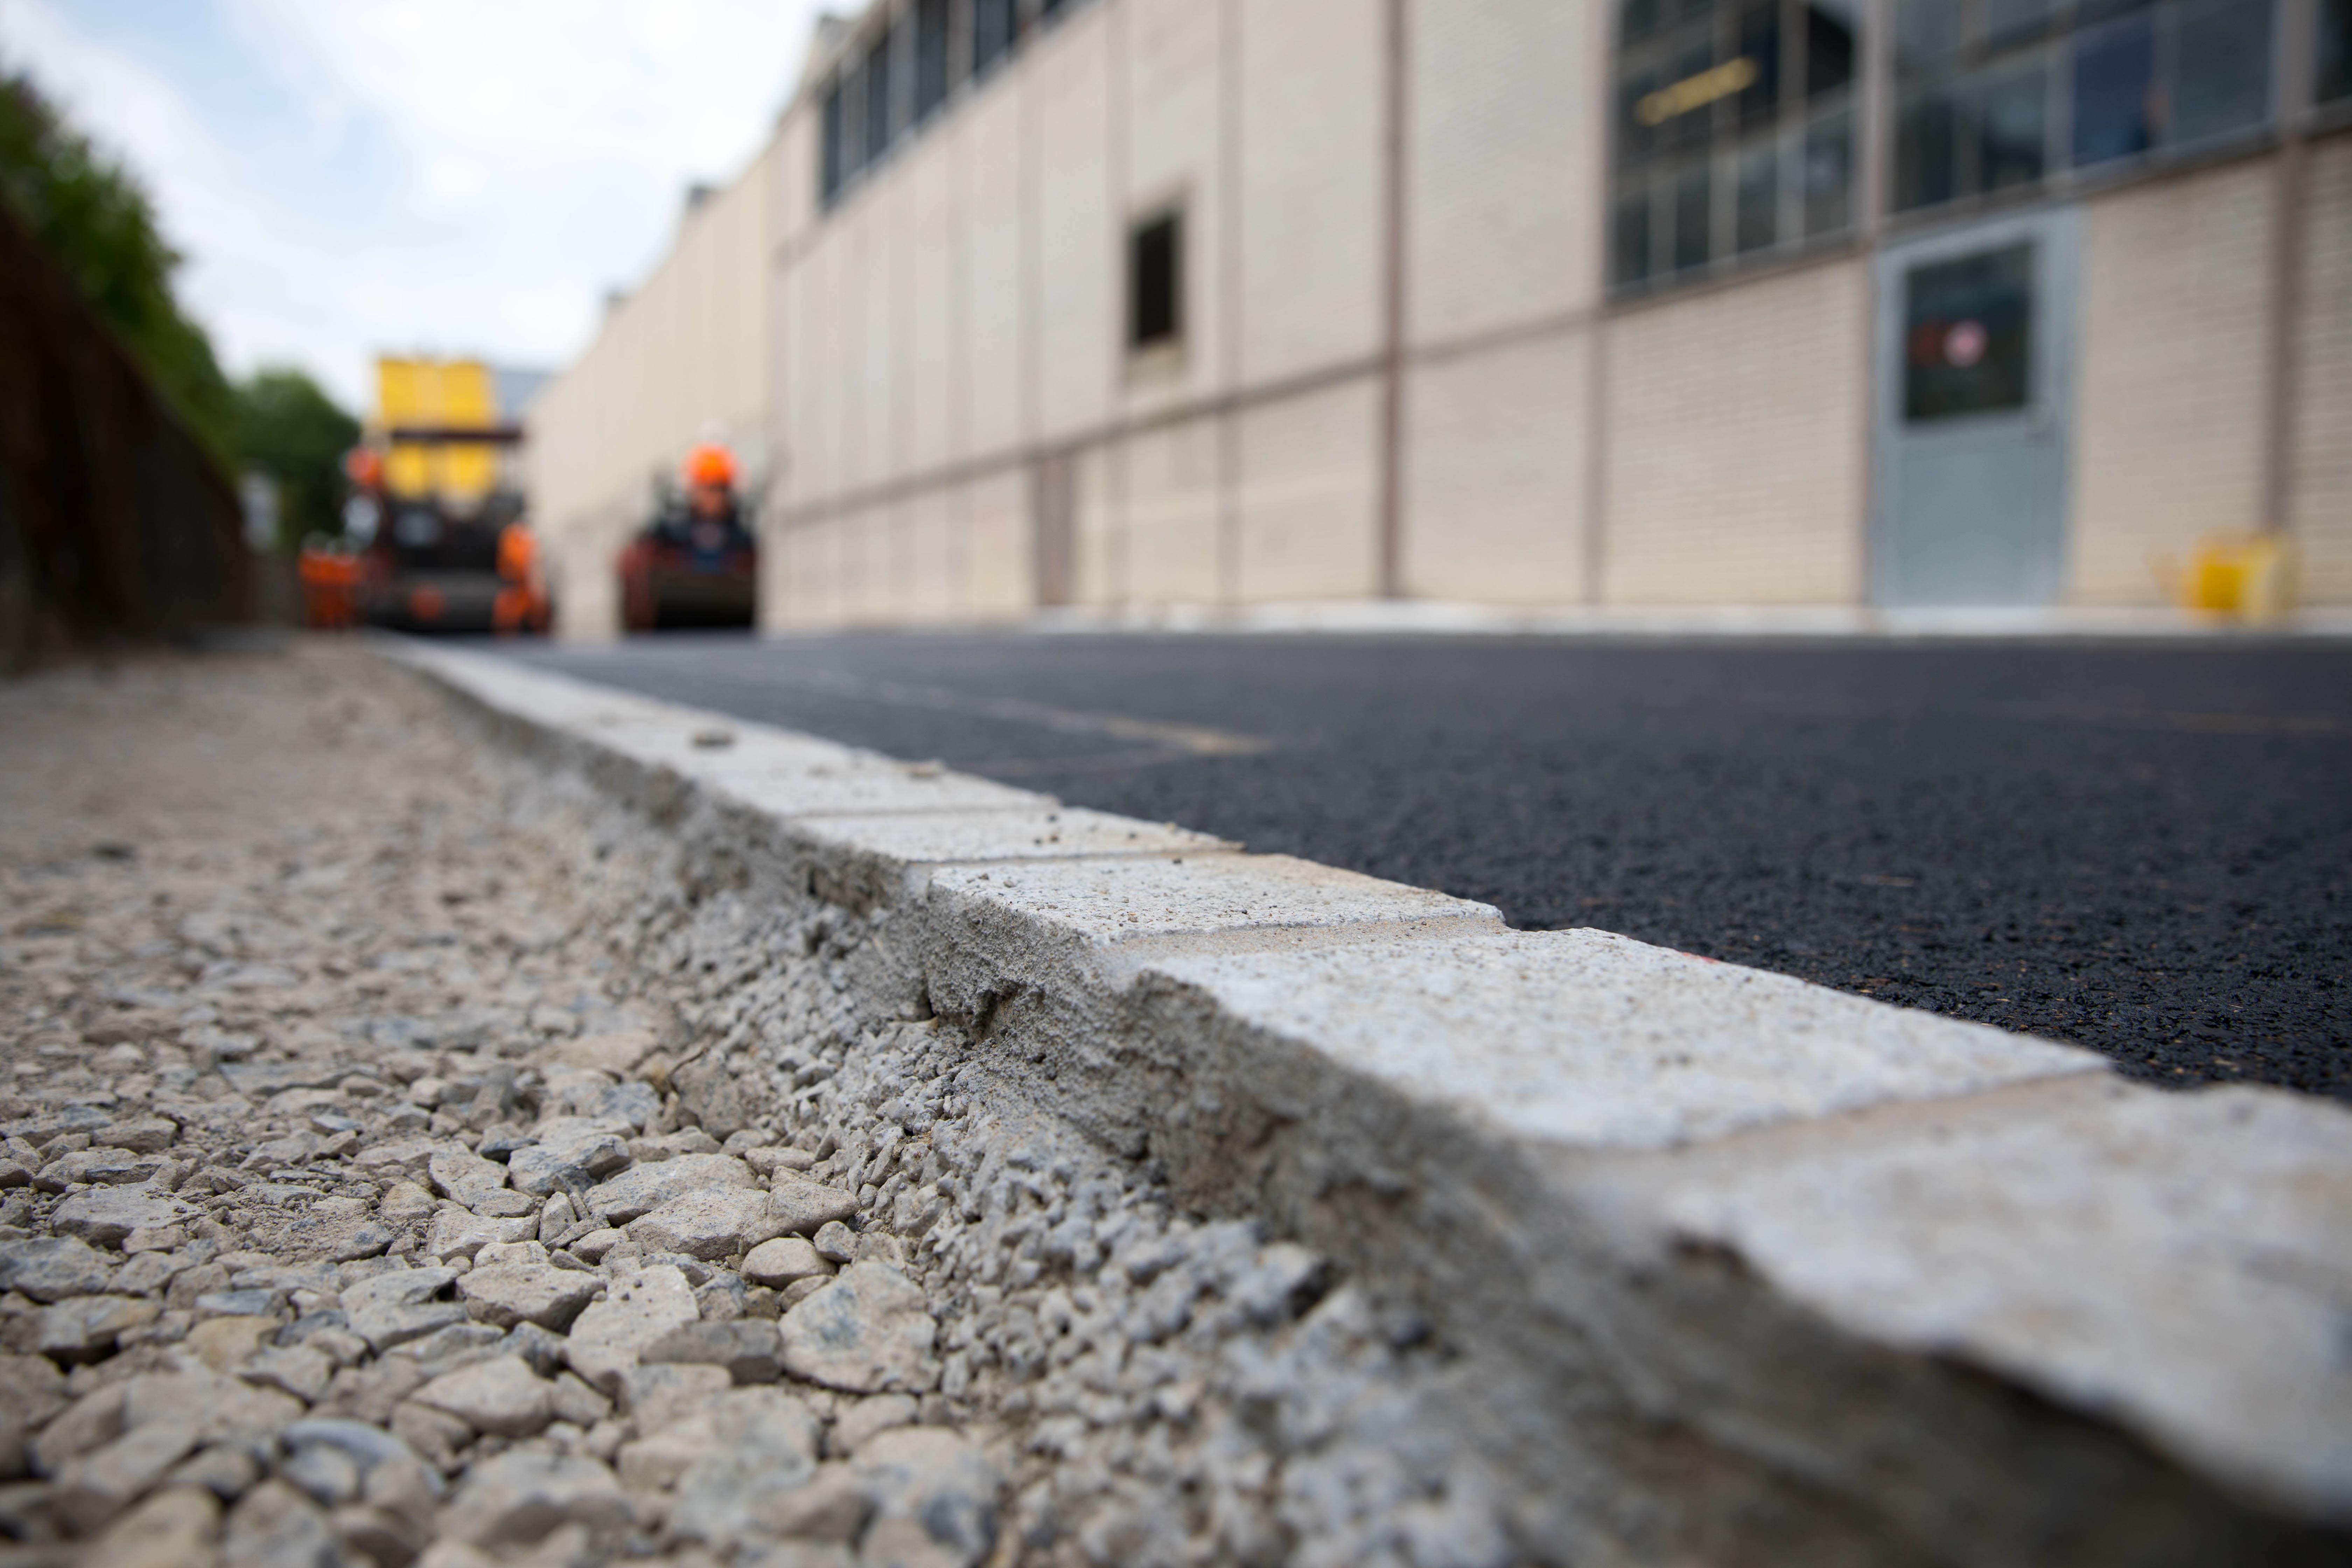 Effizient und zuverlässig ausgeführte Belagsarbeiten – ergänzt durch ein Portfolio an Spezialgebieten: Das ist der Bereich Wege- und Strassenbau von ERNE.